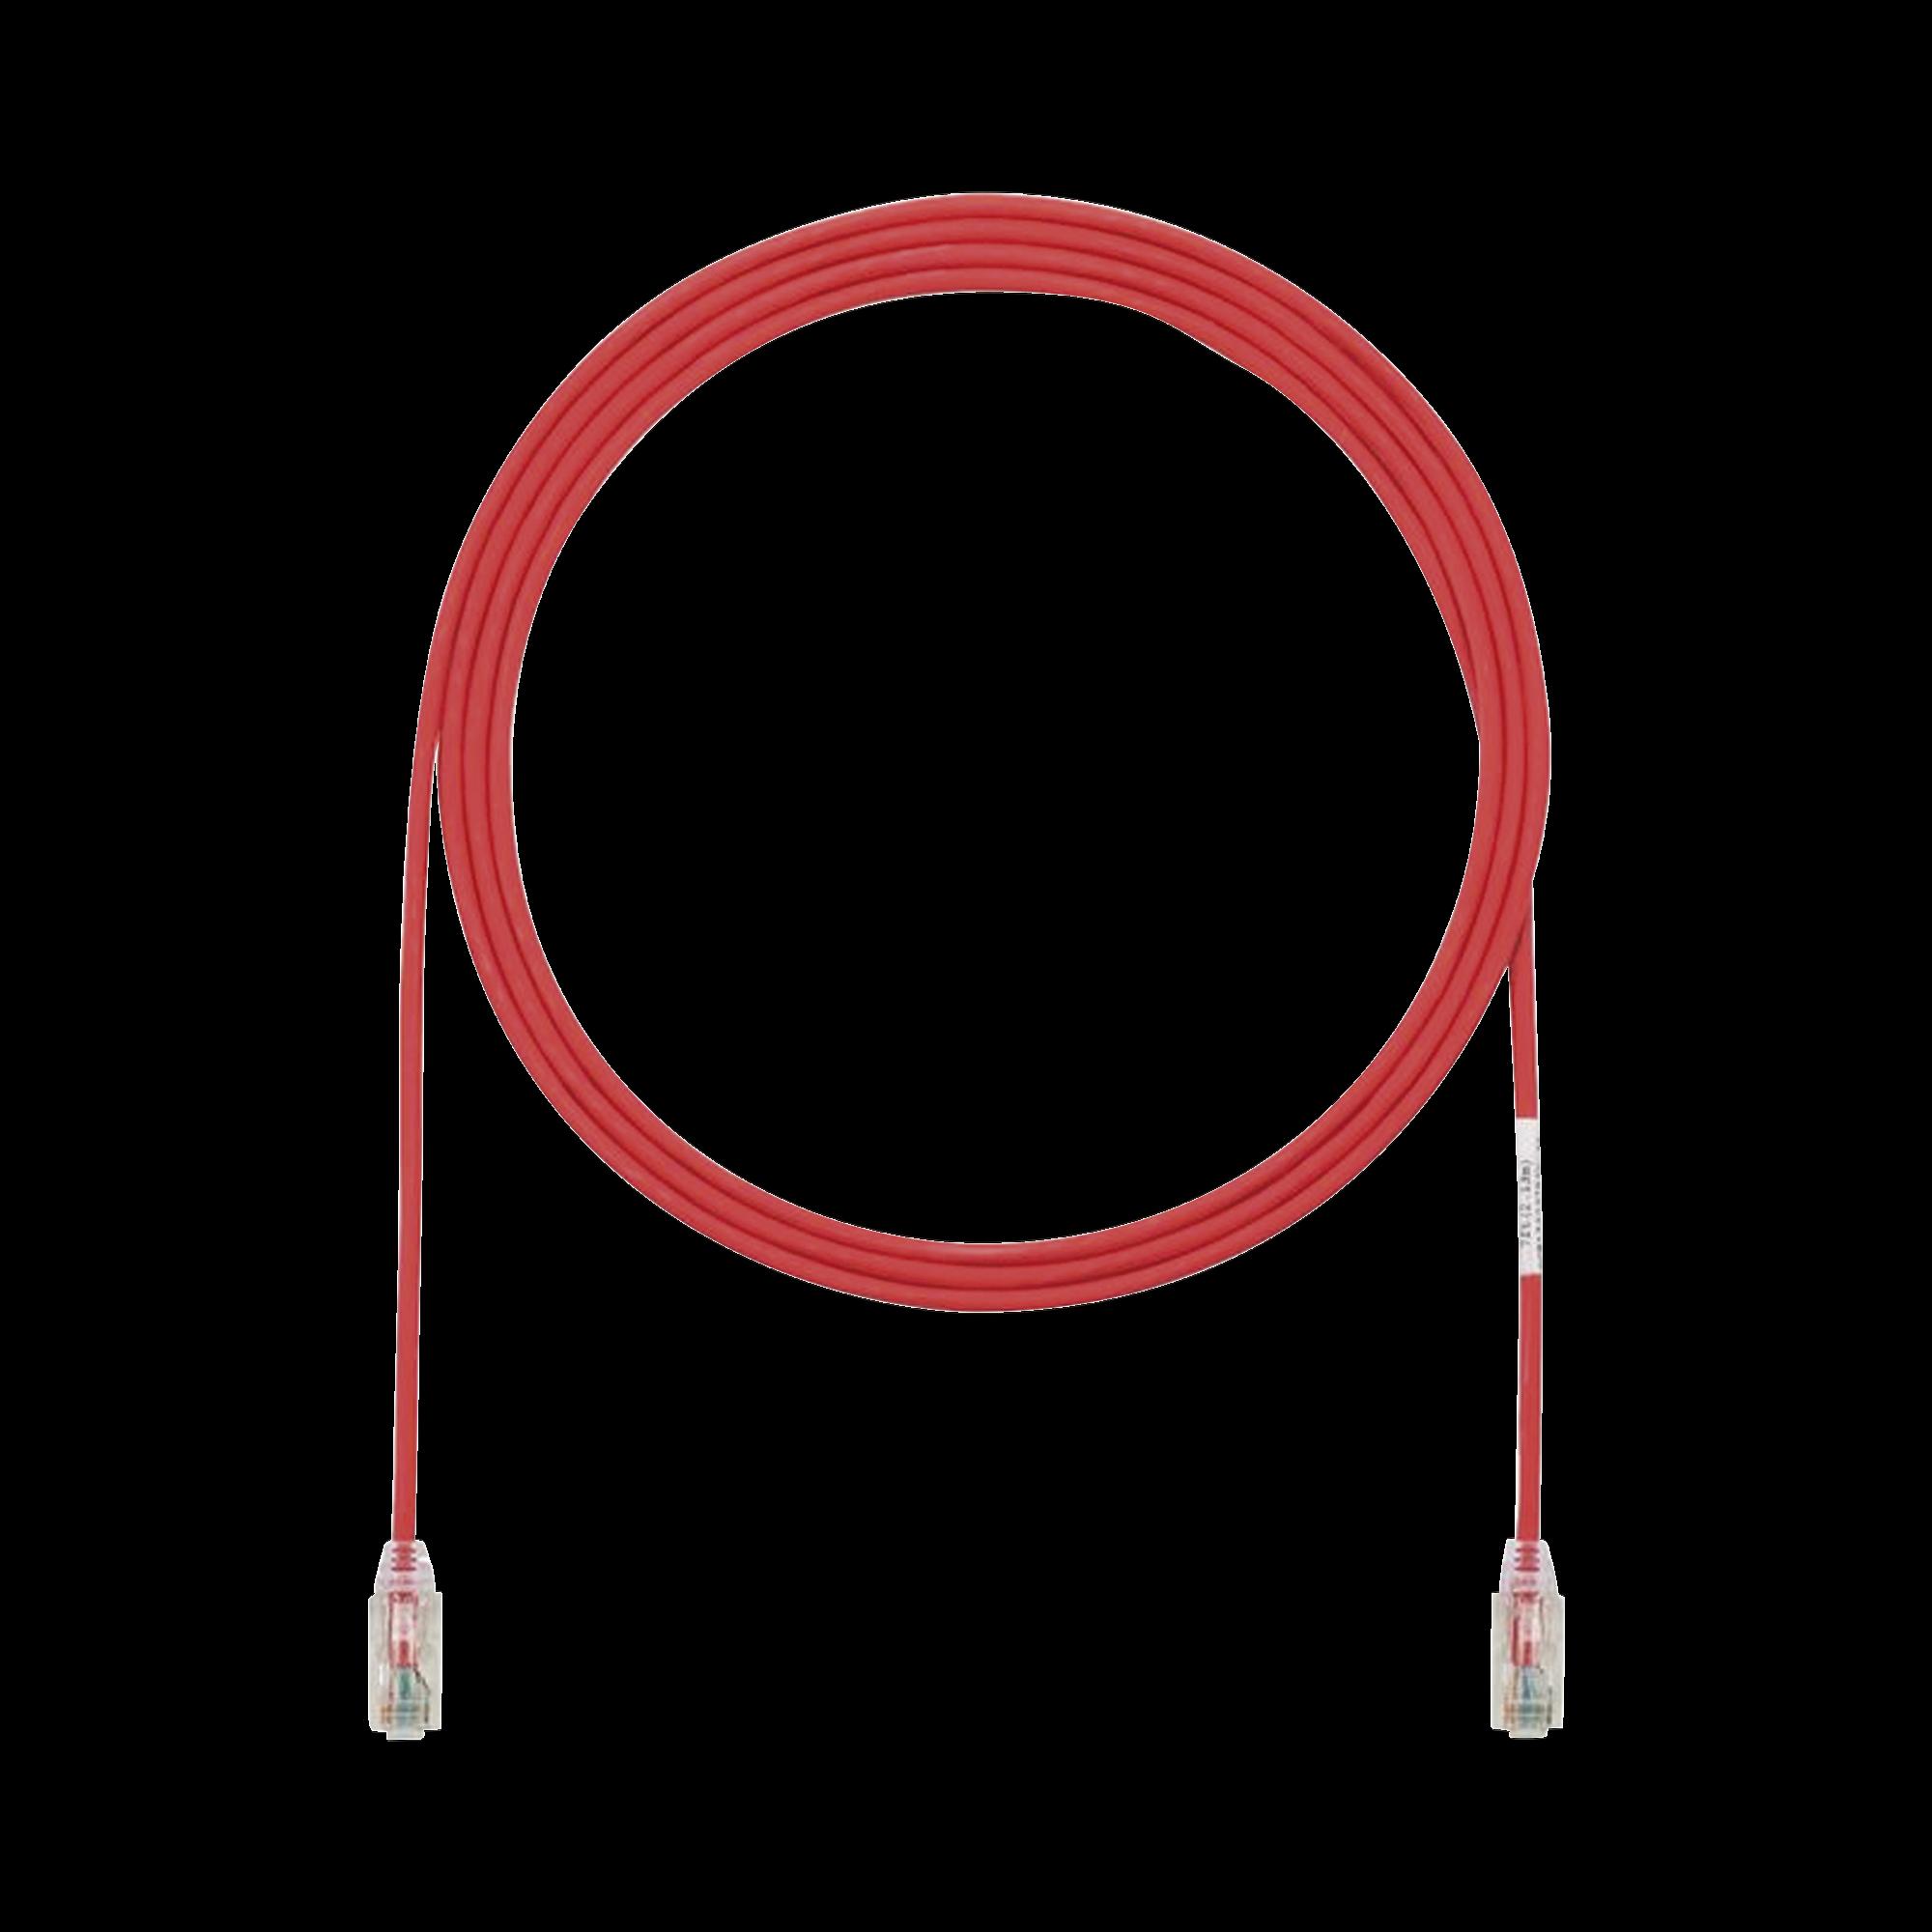 Cable de Parcheo TX6, UTP Cat6, Diámetro Reducido (28AWG), Color Rojo, 7ft